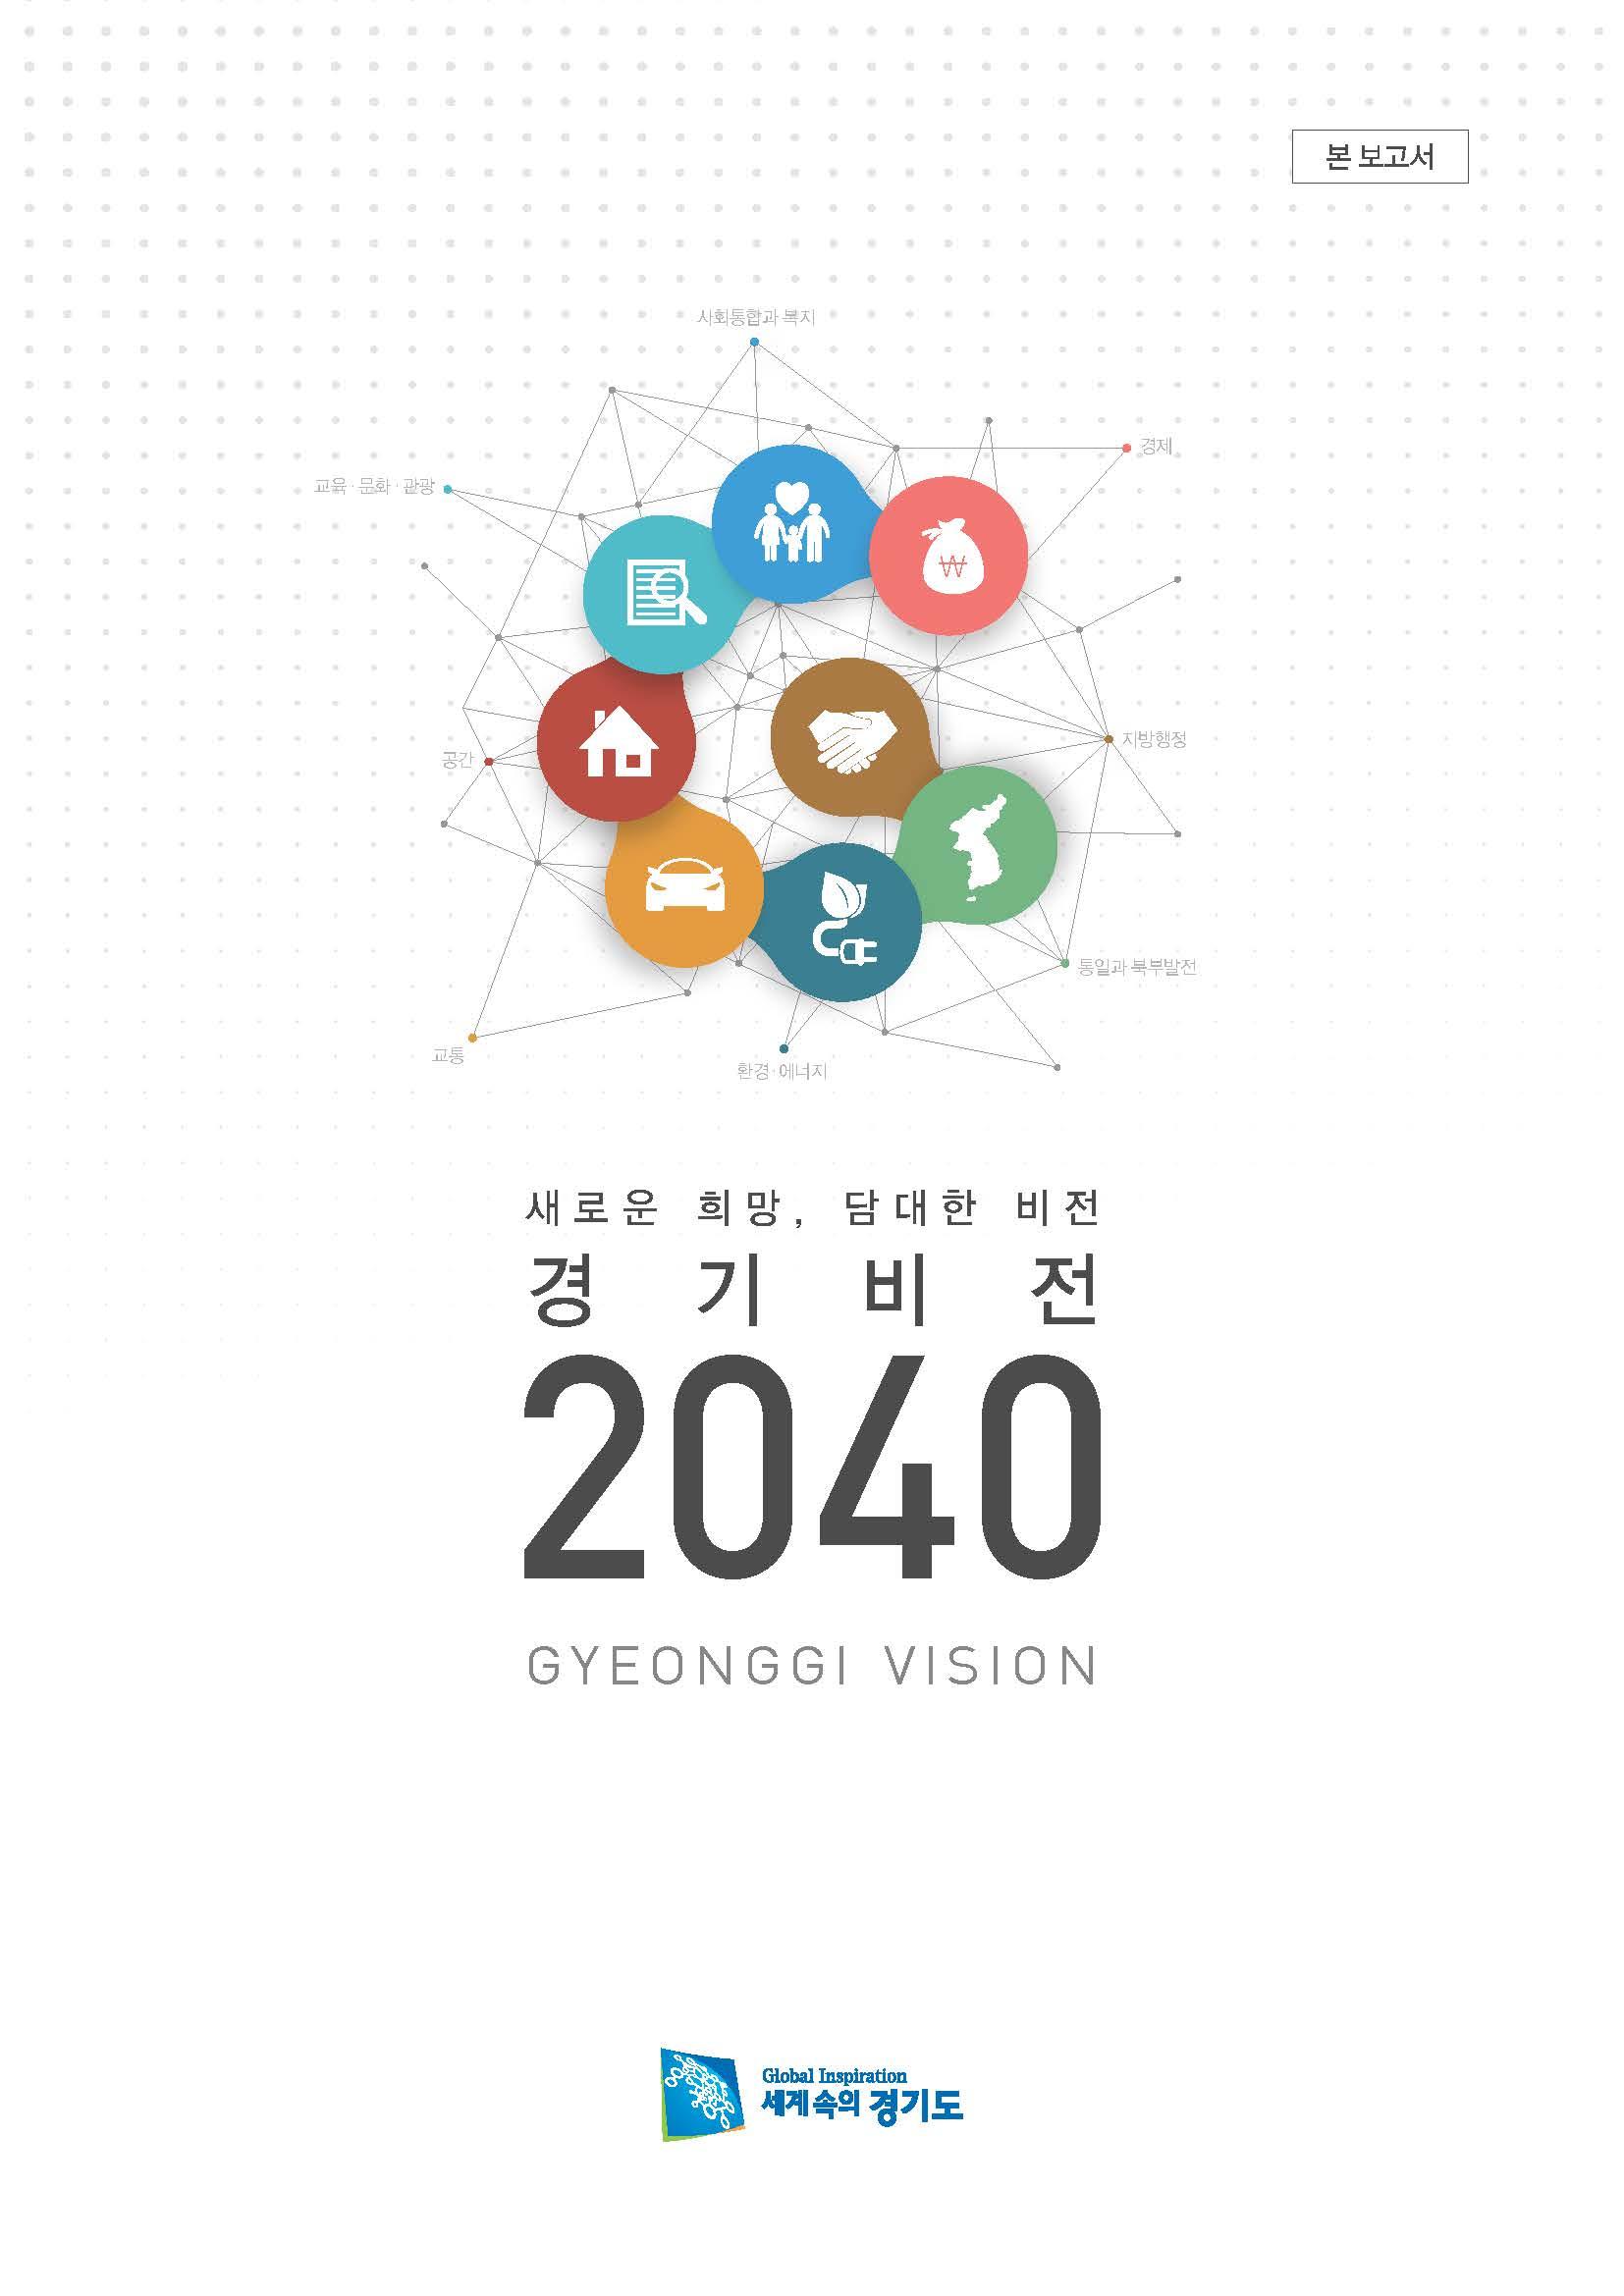 (새로운 희망, 담대한 비전) 경기비전 2040